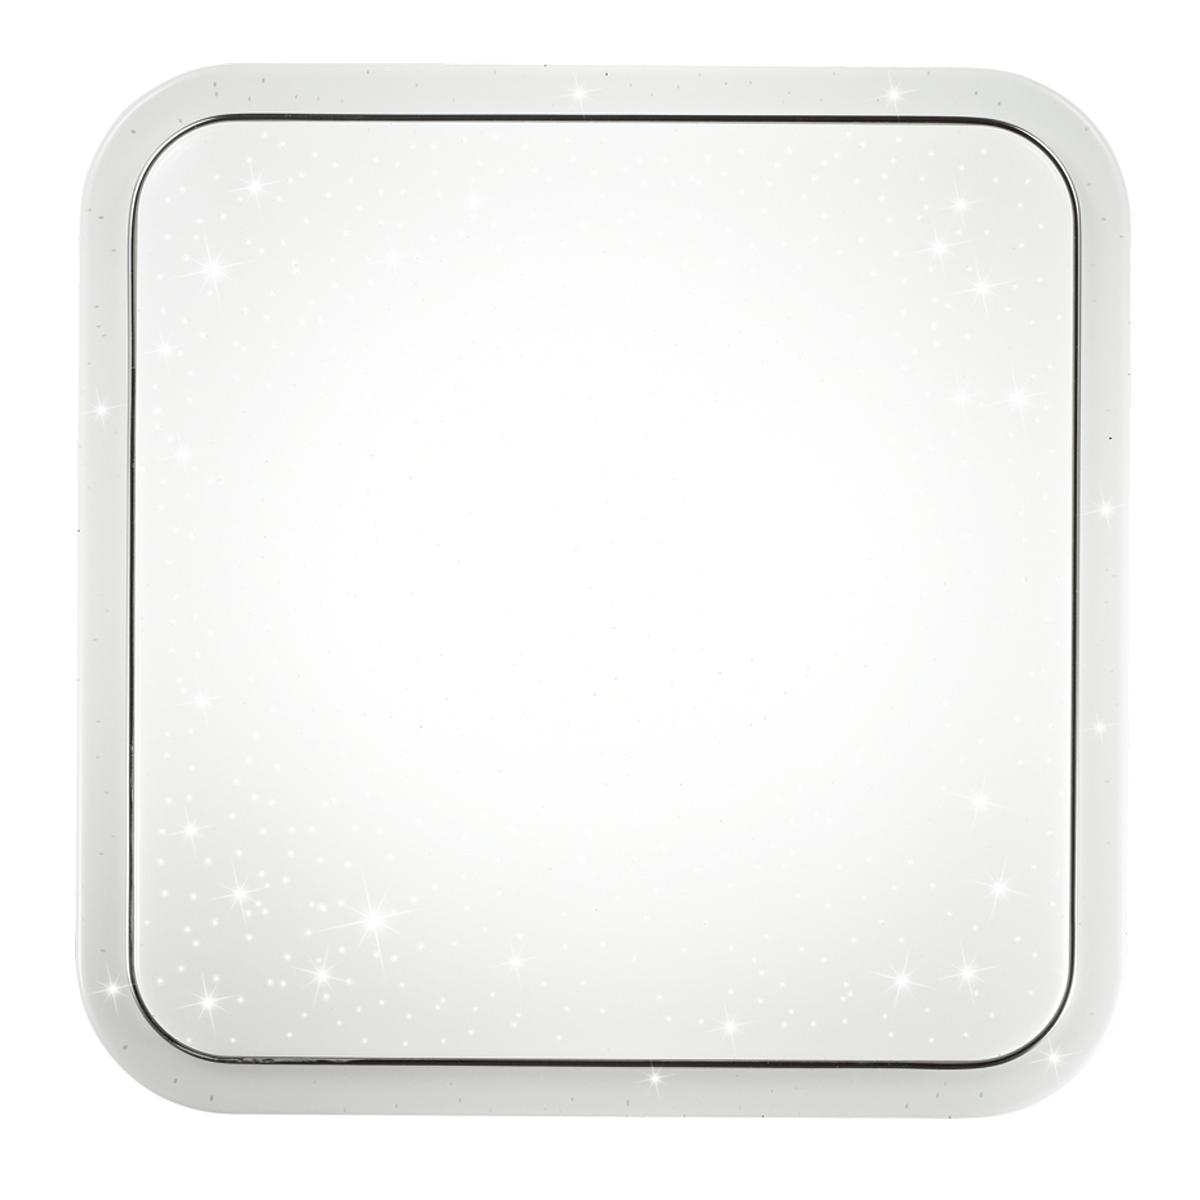 Потолочные светильники 2014/E Kvadri Sonex